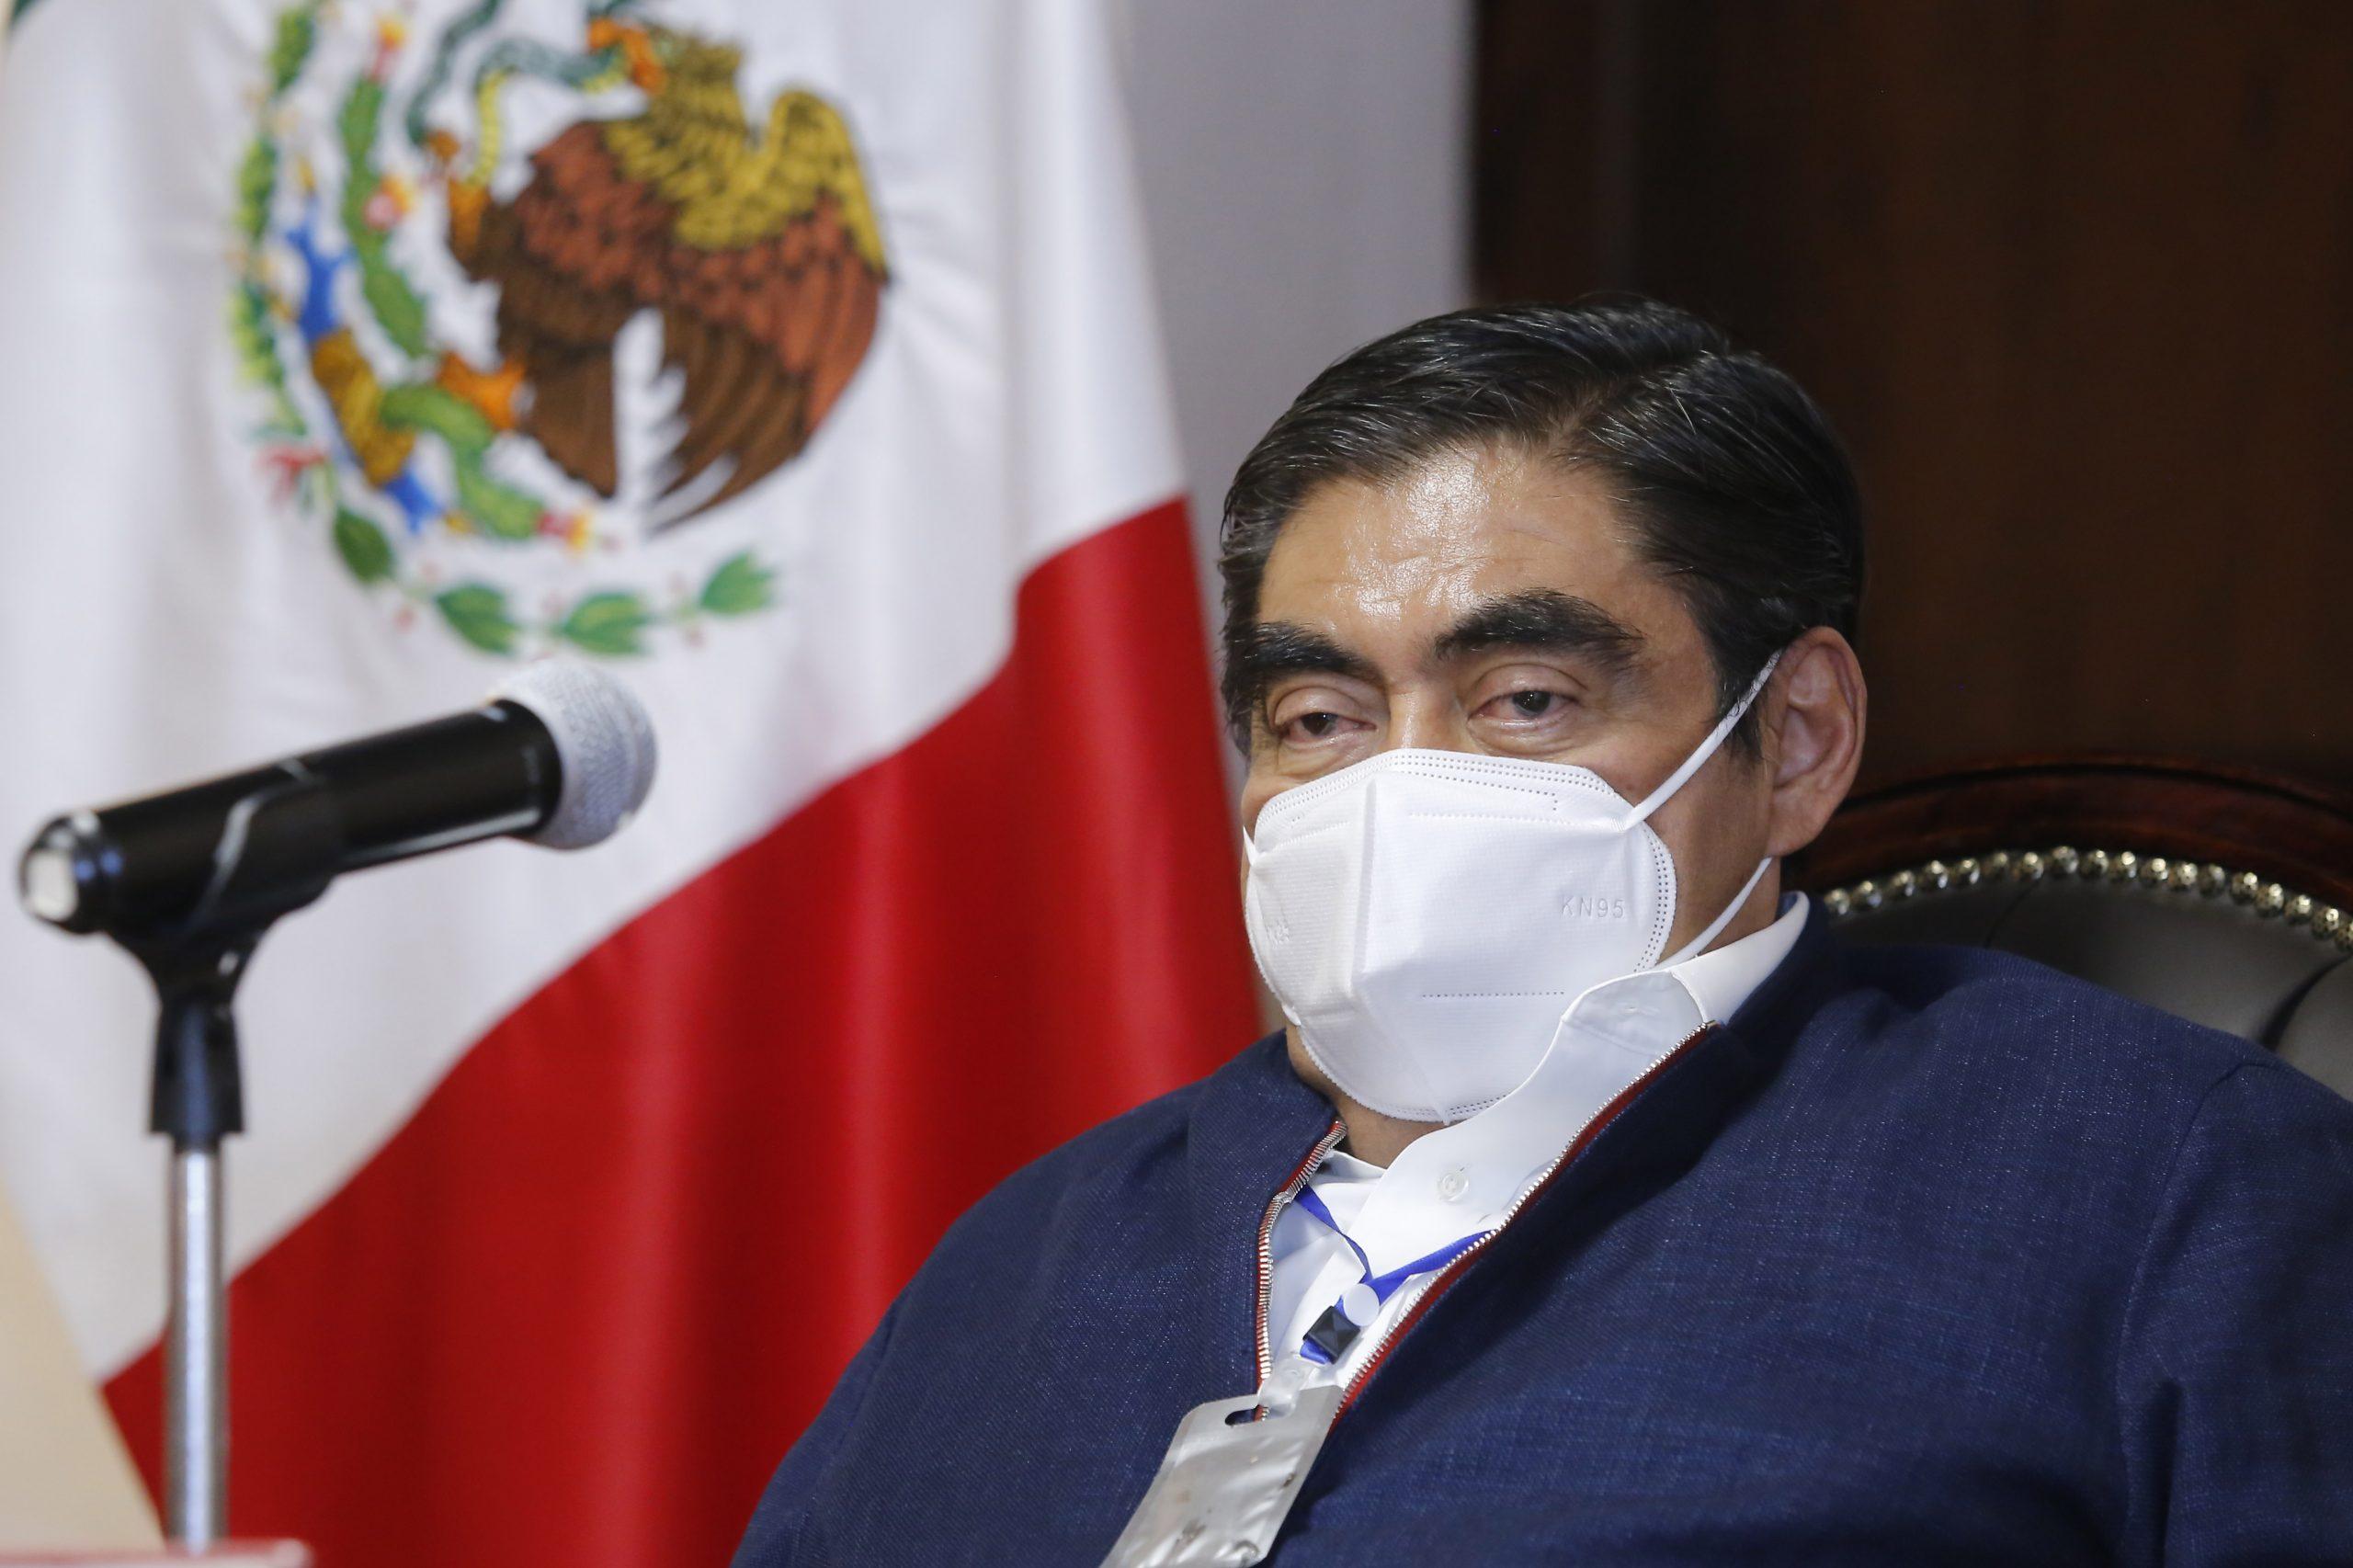 Video desde Puebla: Necesita el estado gobernantes honestos y comprometidos para erradicar la desigualdad, advirtió Miguel Barbosa Huerta